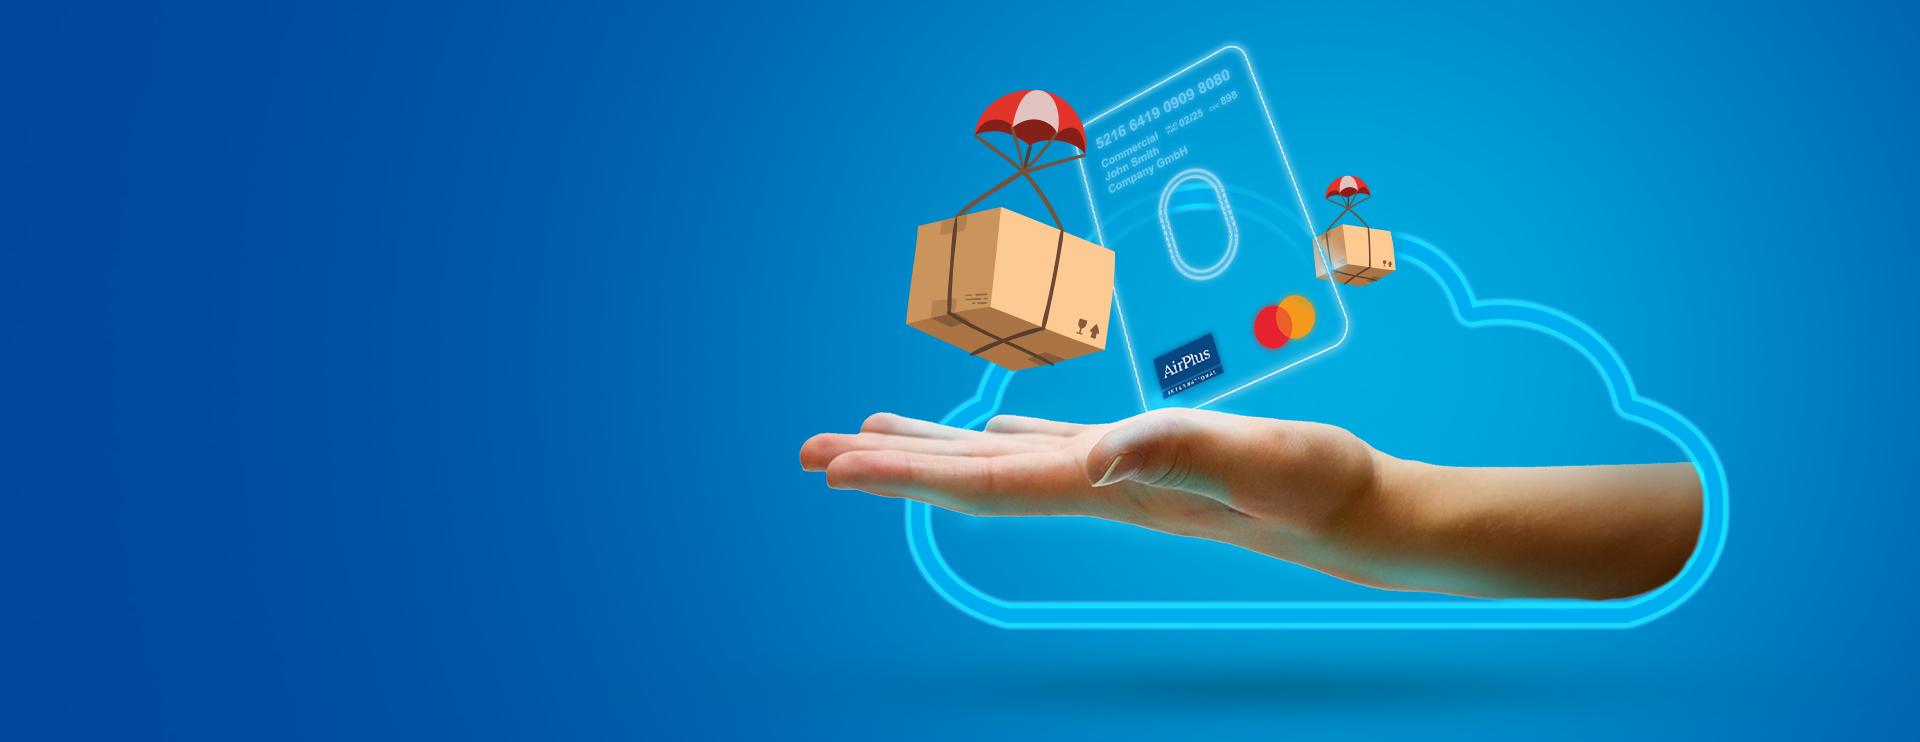 AirPlus Virtual Cards Procurement offrent de nombreux avantages.